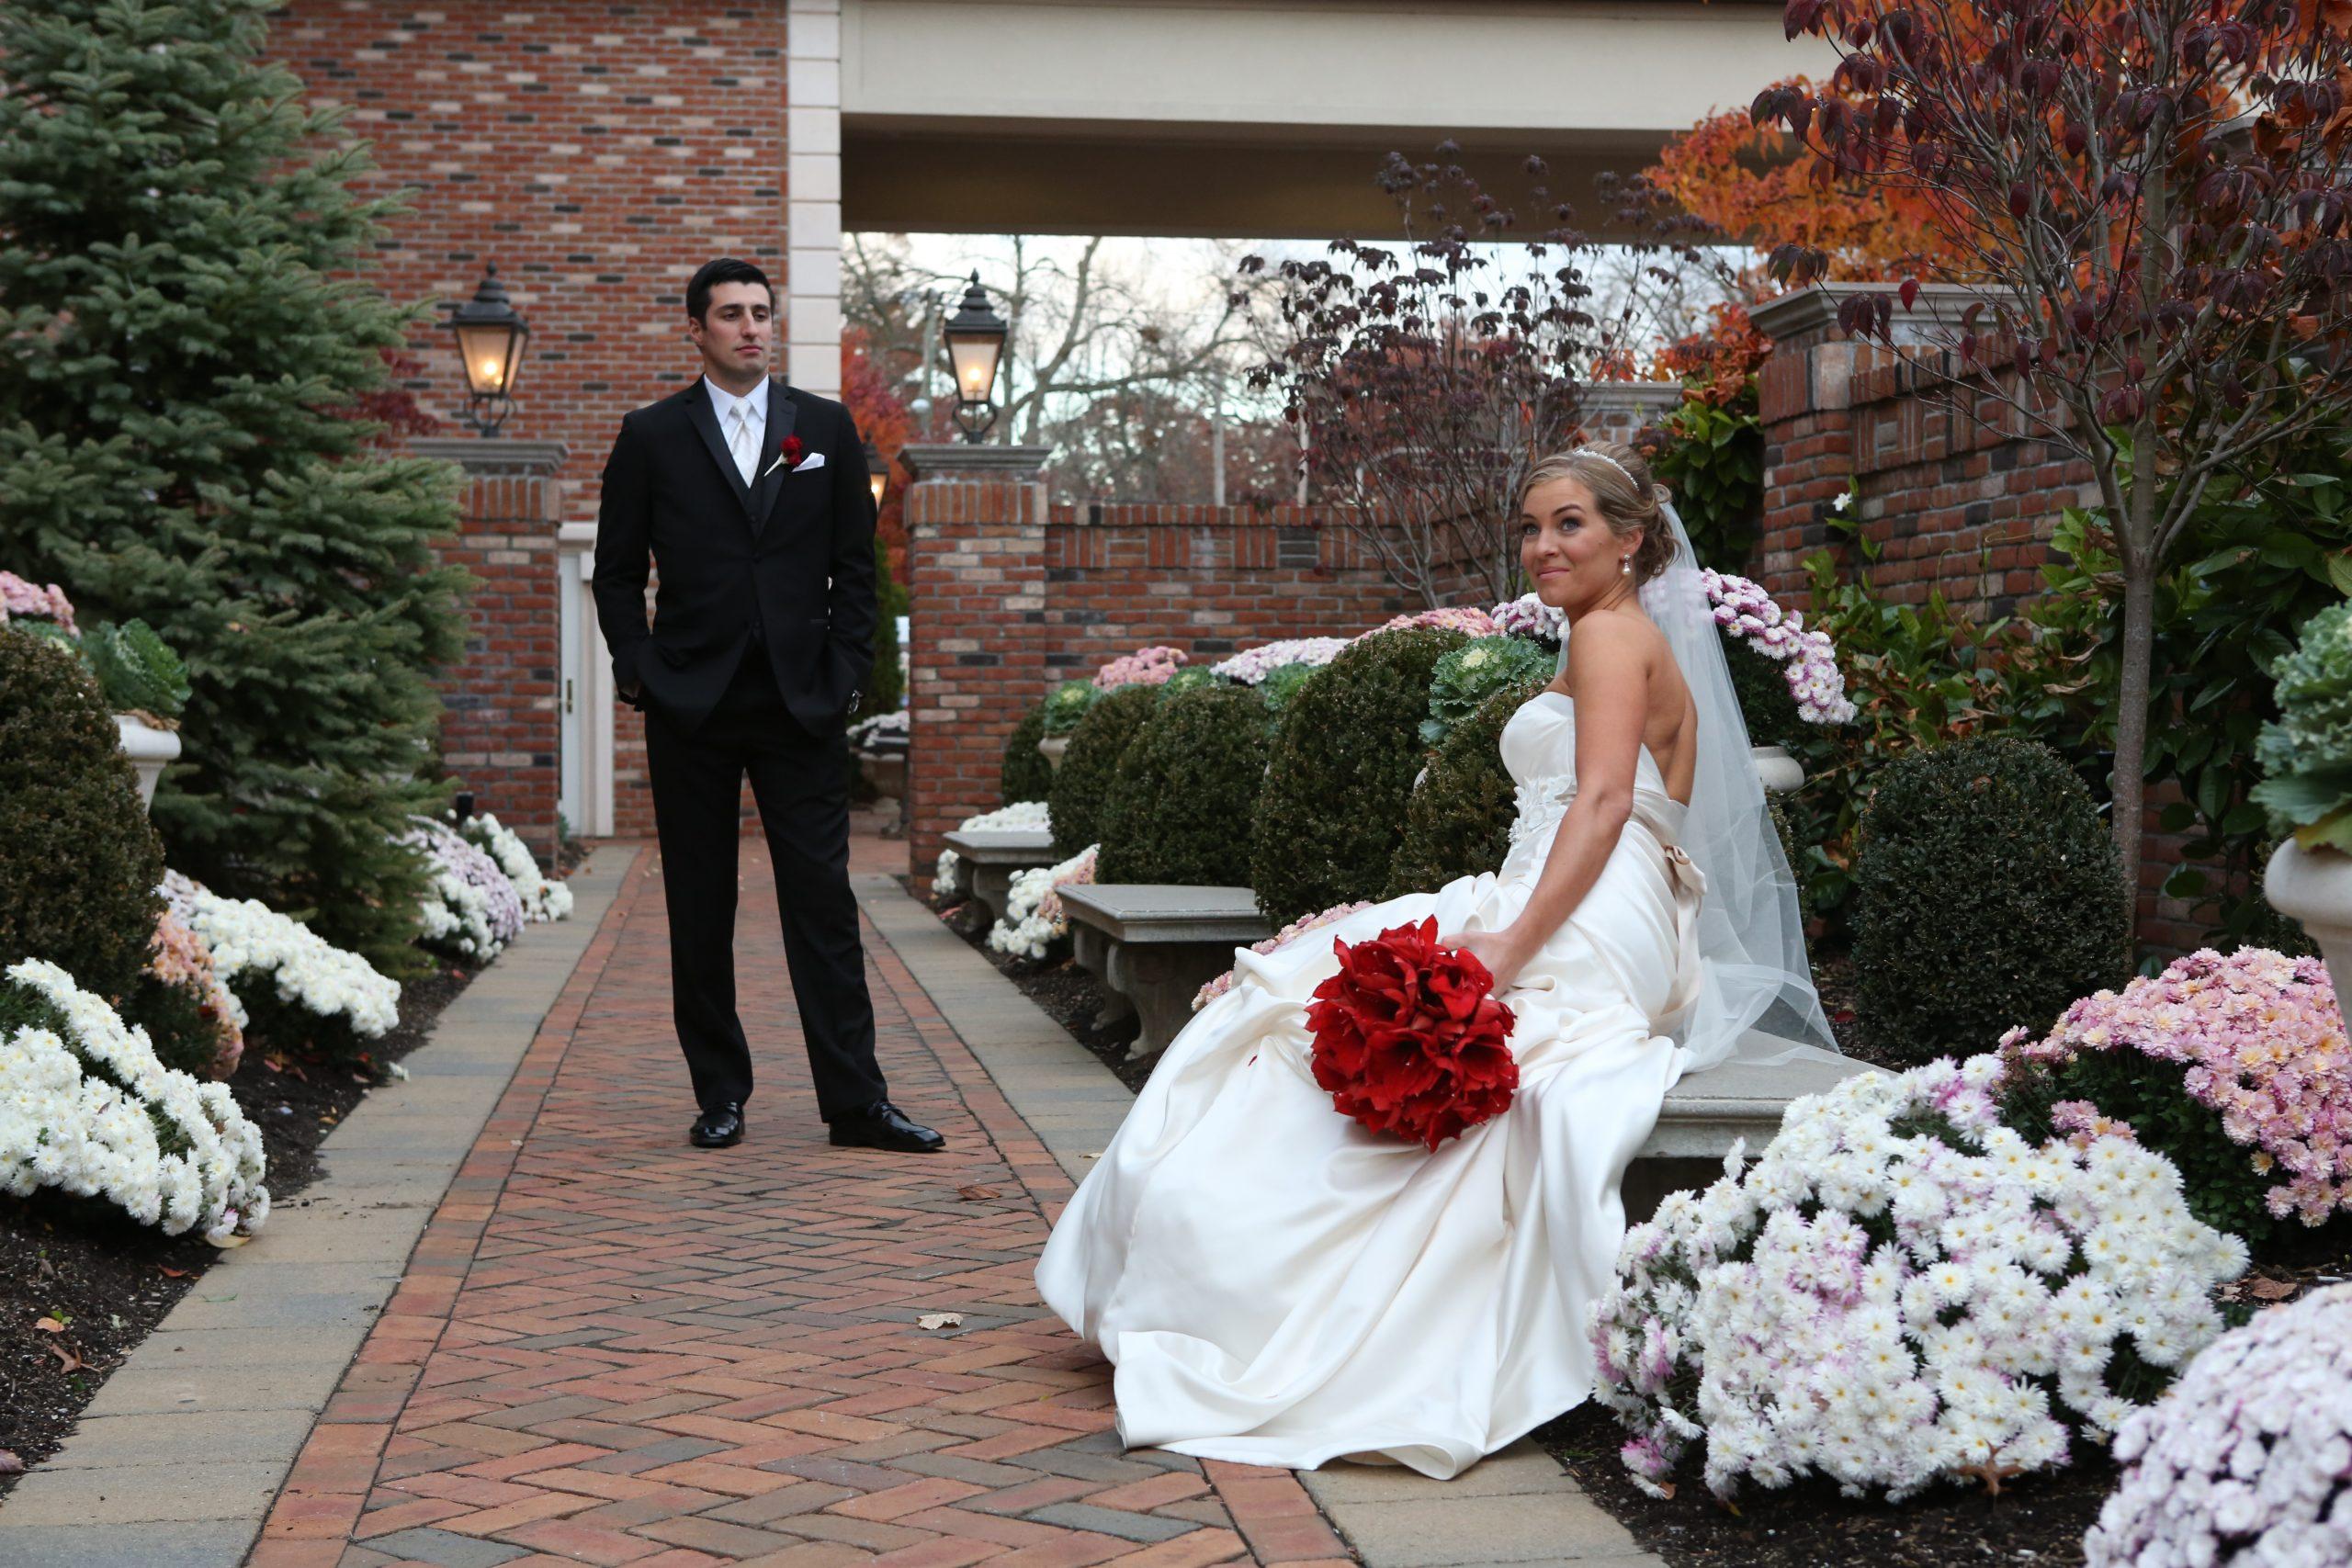 Florentine Gardens wedding couple in gardens